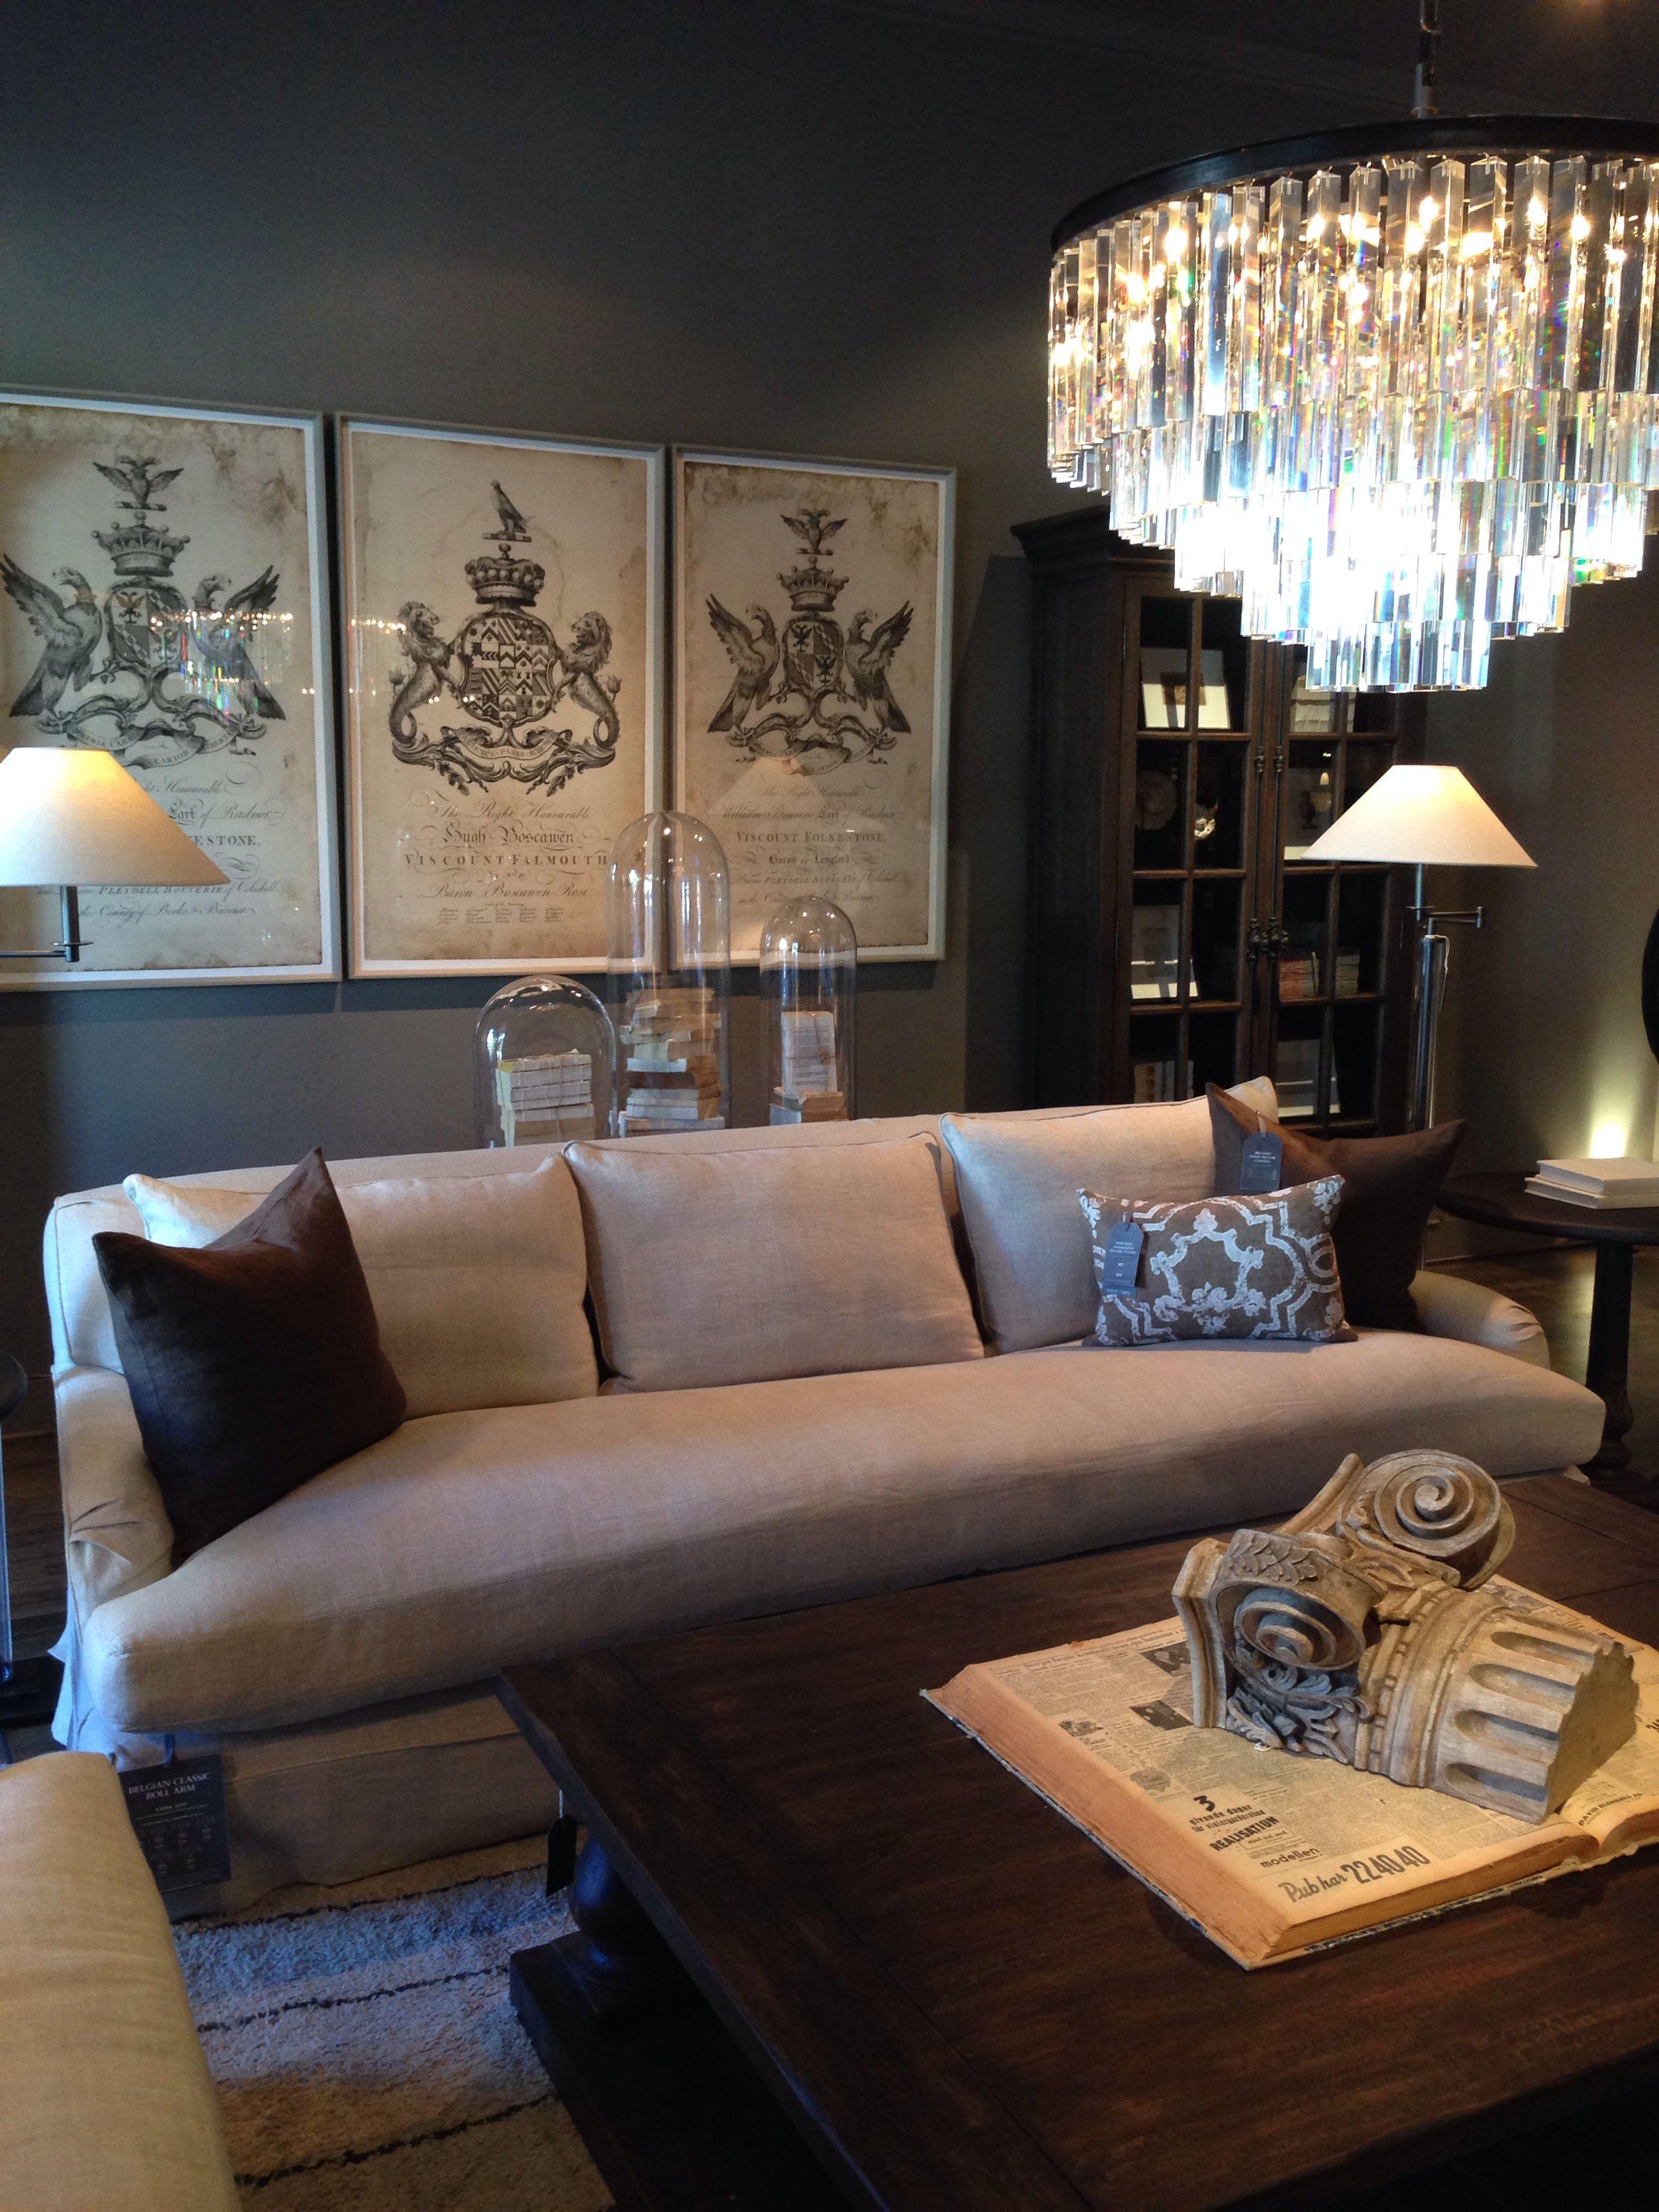 Restoration hardware living room home restoration - Restoration hardware living room ideas ...